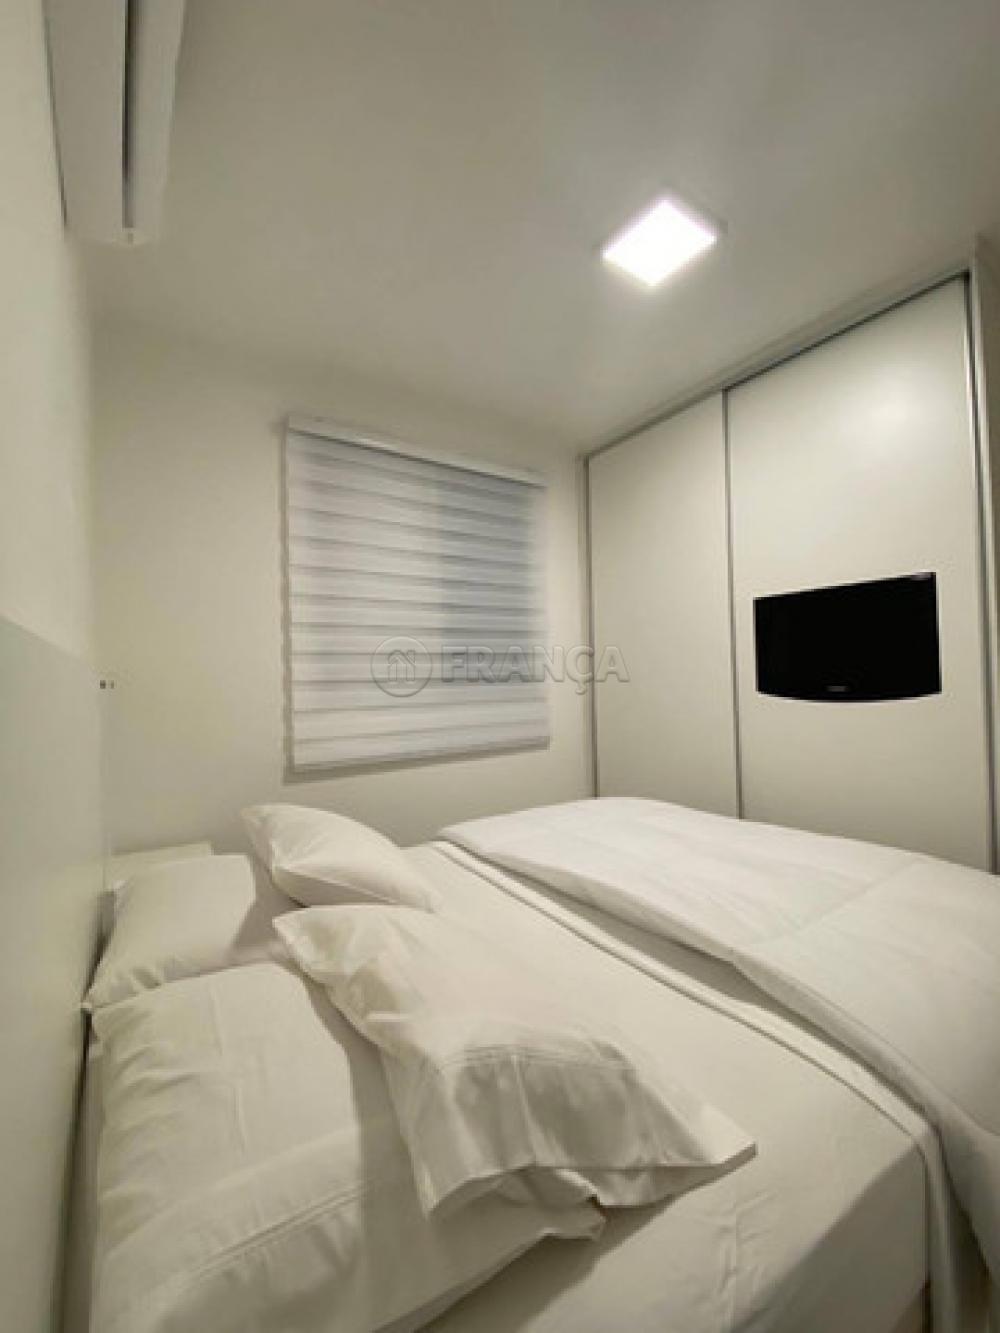 Comprar Apartamento / Padrão em São José dos Campos apenas R$ 198.000,00 - Foto 7